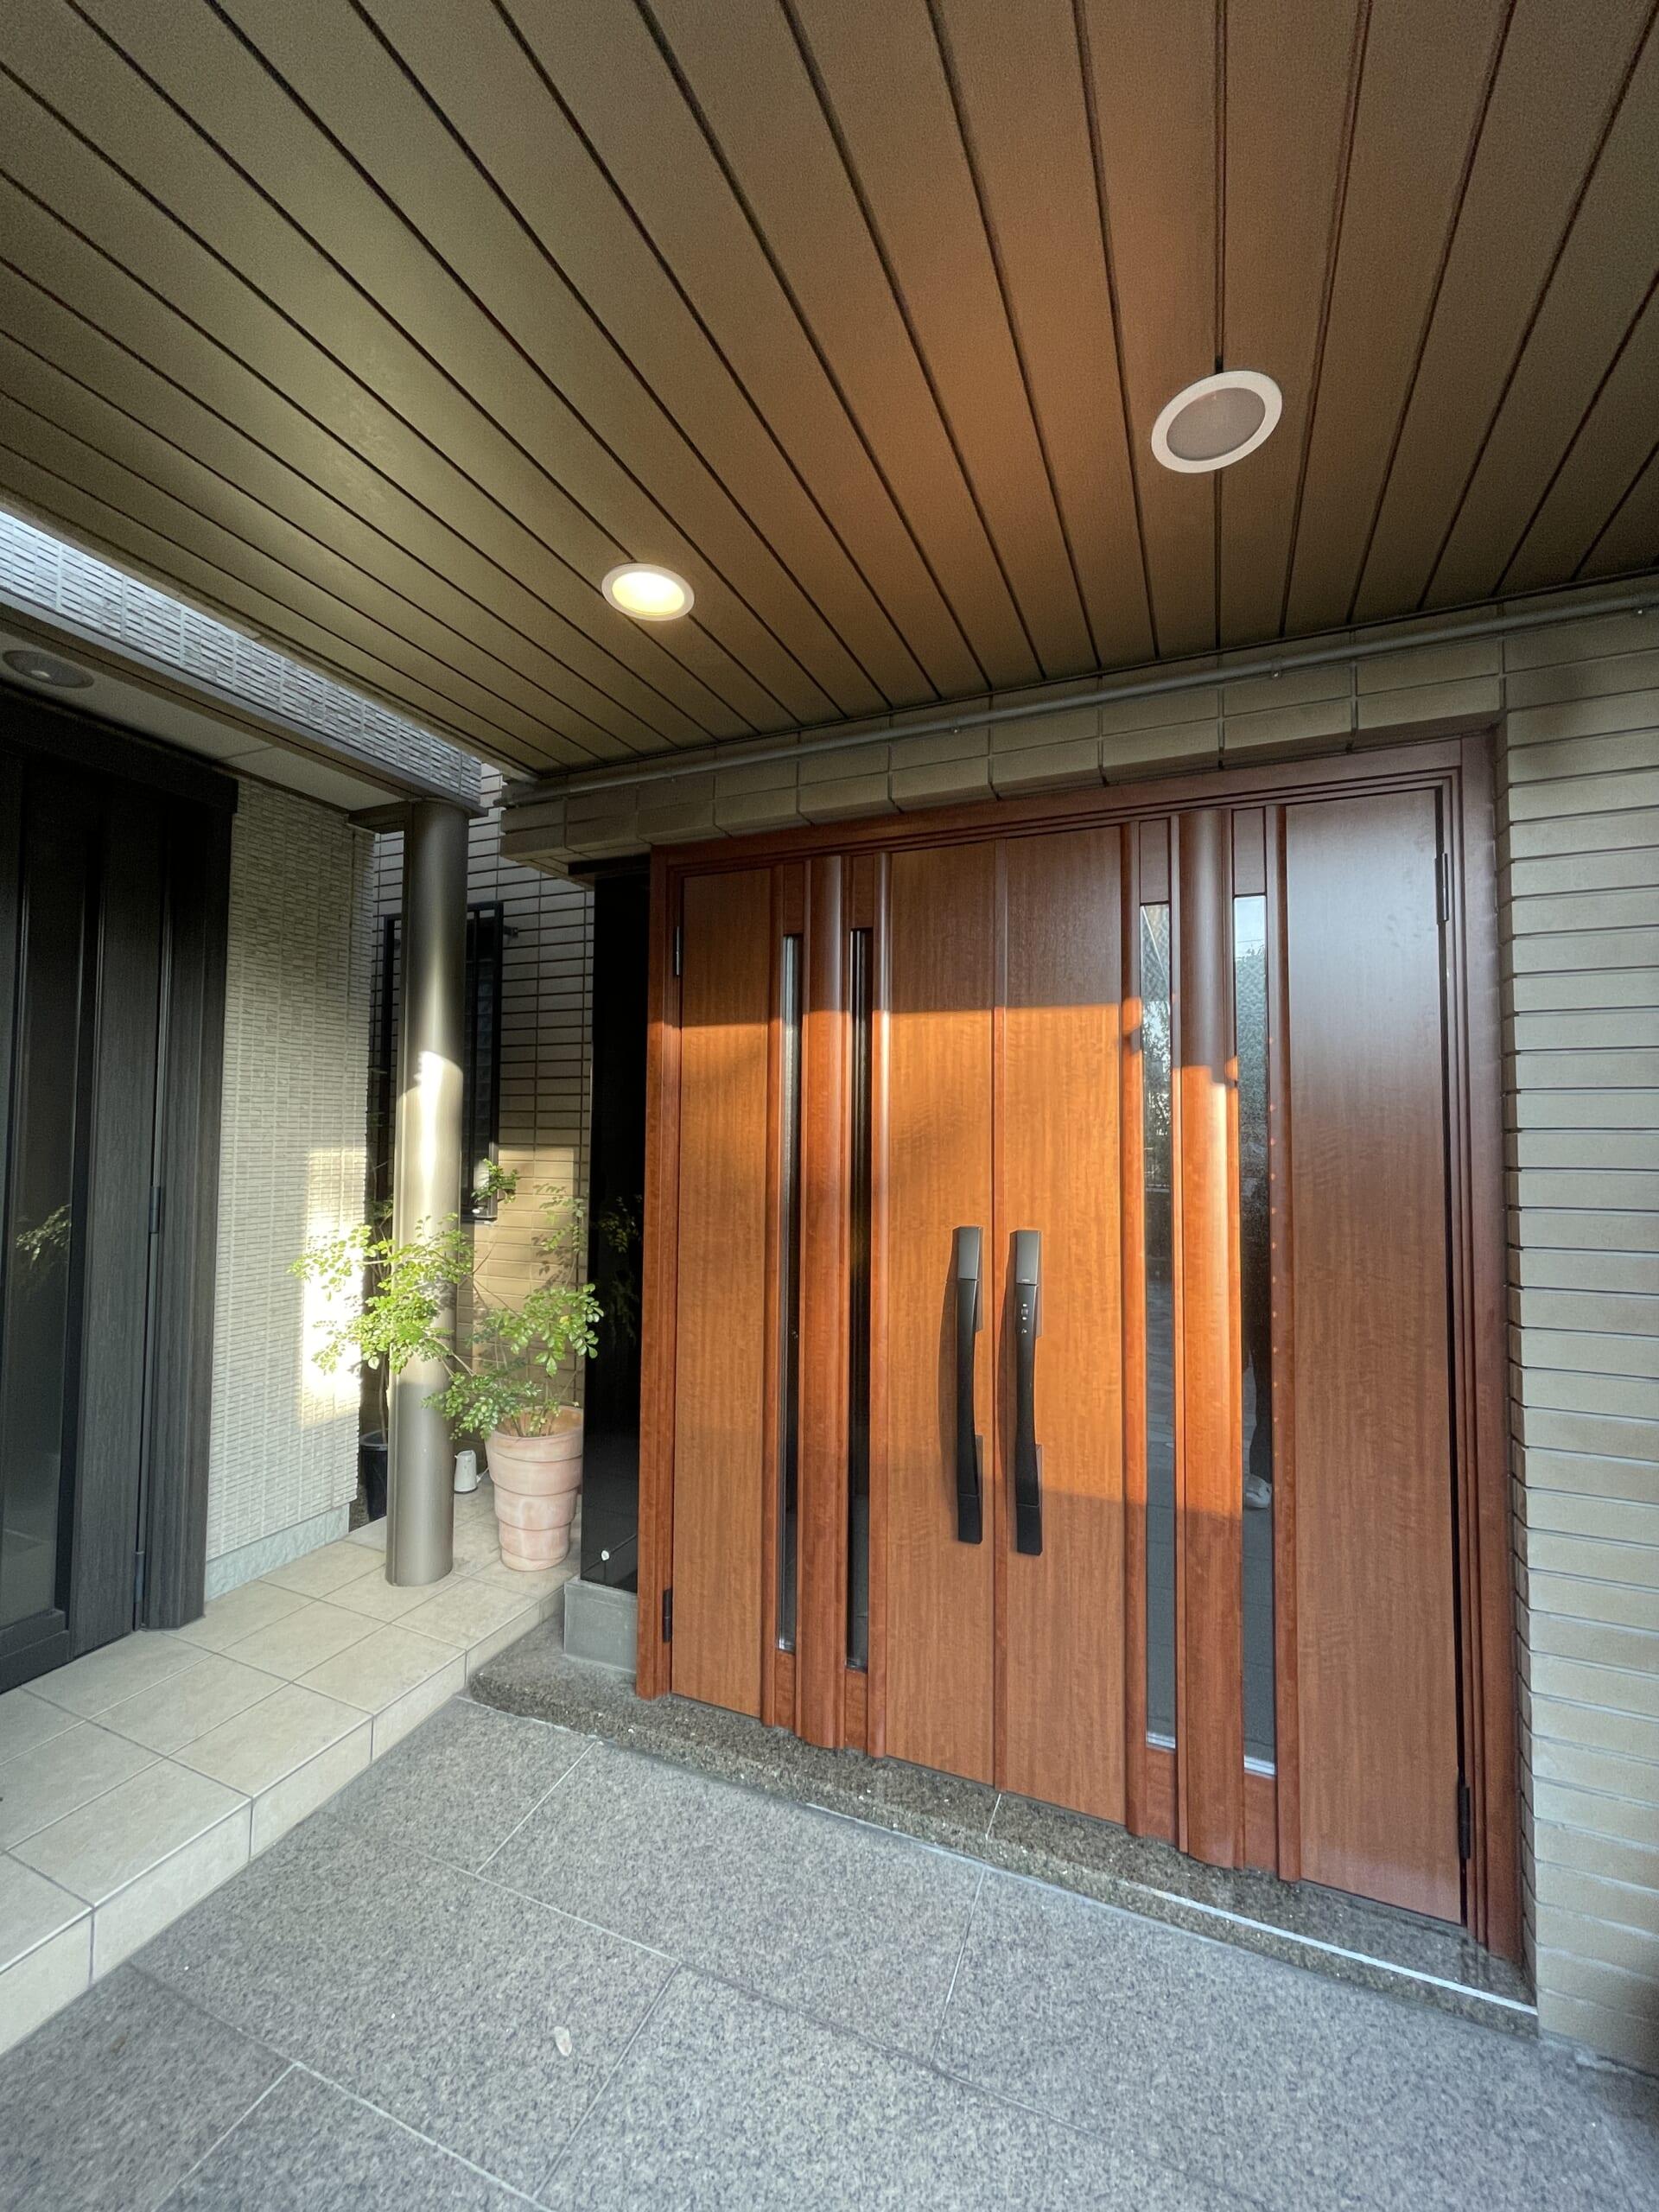 両開き式 玄関ドア取替工事